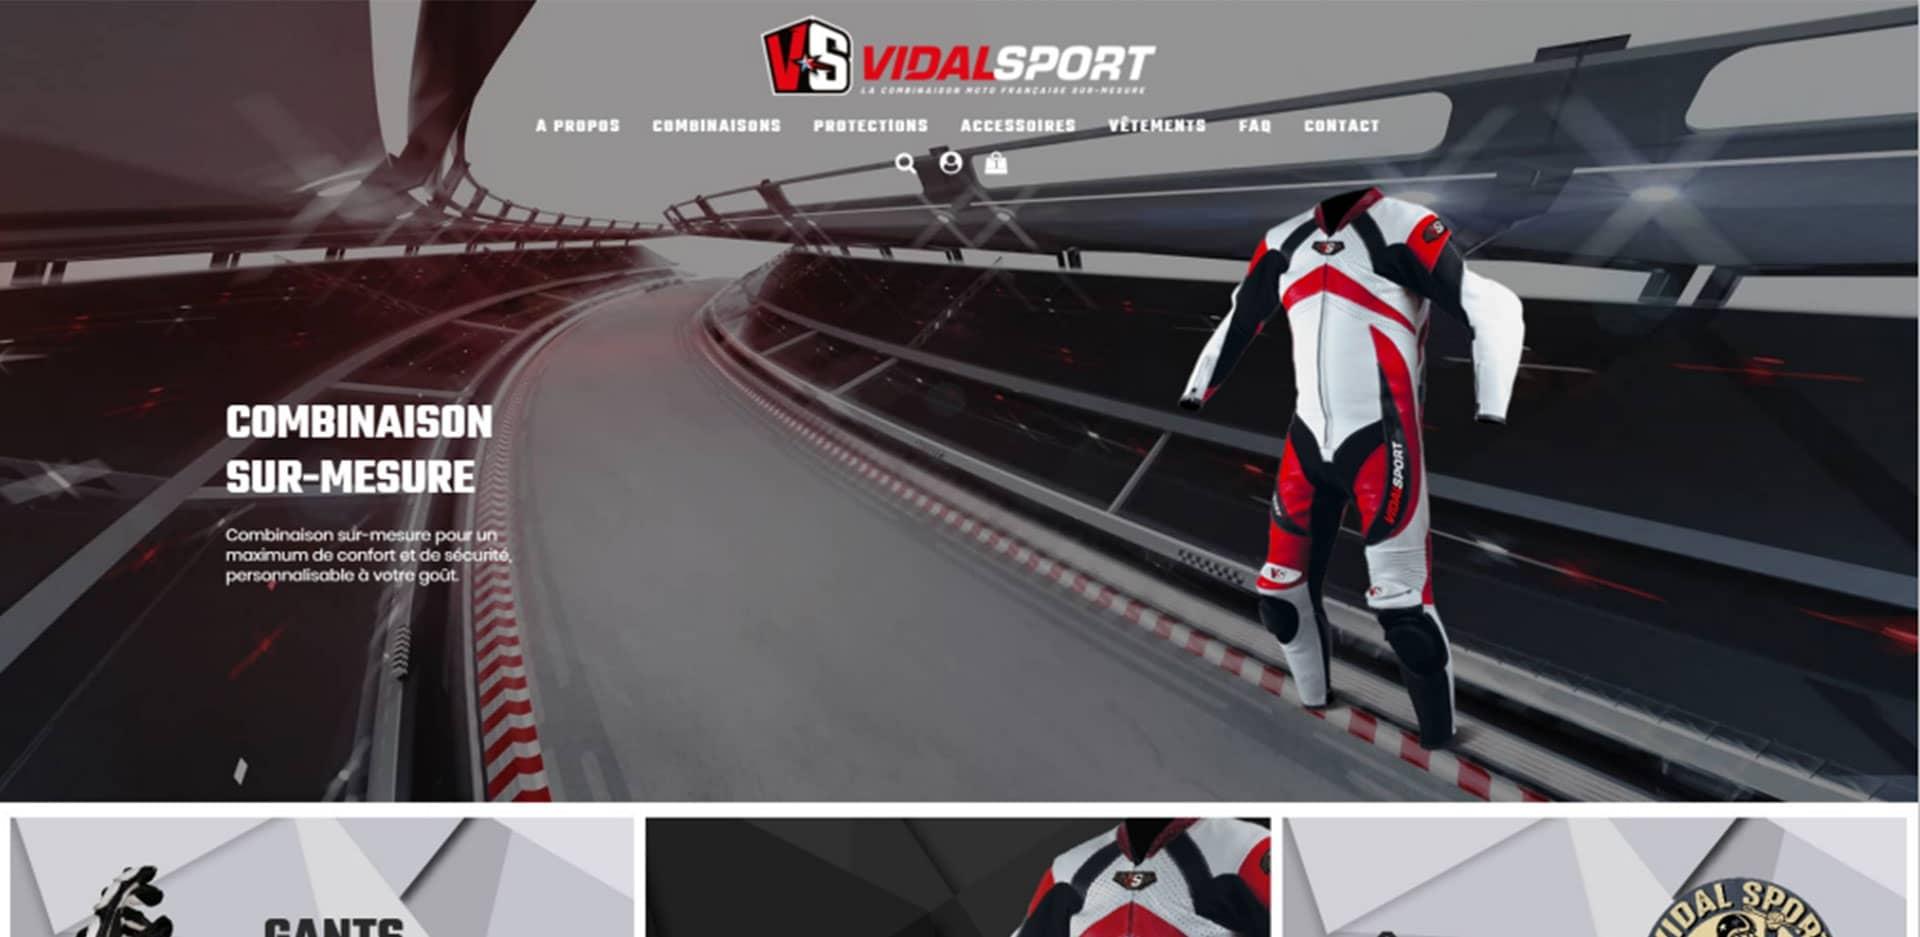 page d'accueil du site internet Vidal sport